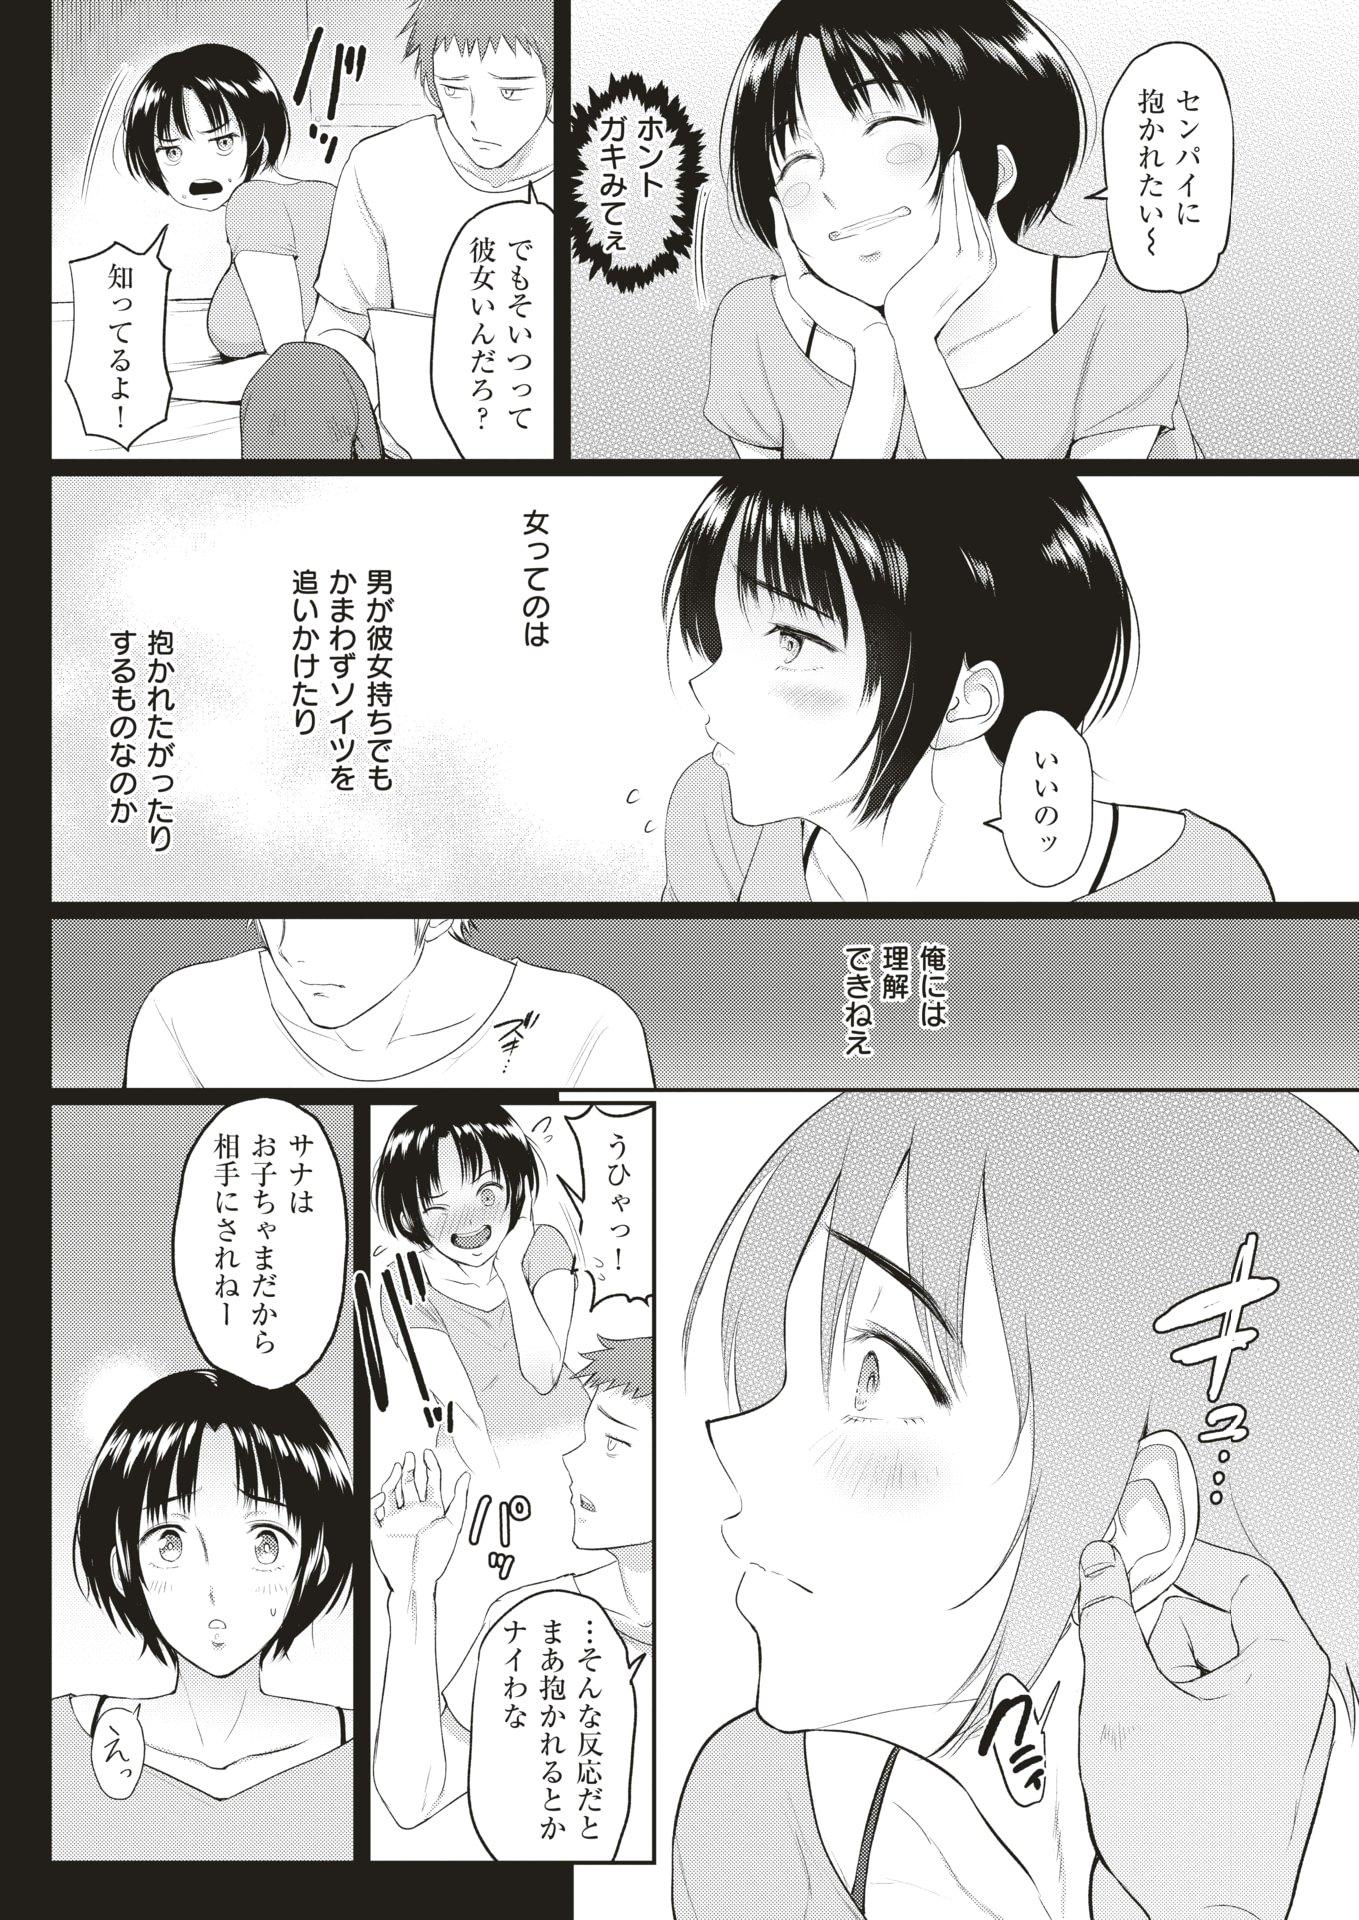 【エロ漫画】先輩が好きな幼なじみJKの練習相手になる男子…耳たぶ引っ張ったらそれはセックスの合図ww【ビフィダス:耳たぶスイッチ】